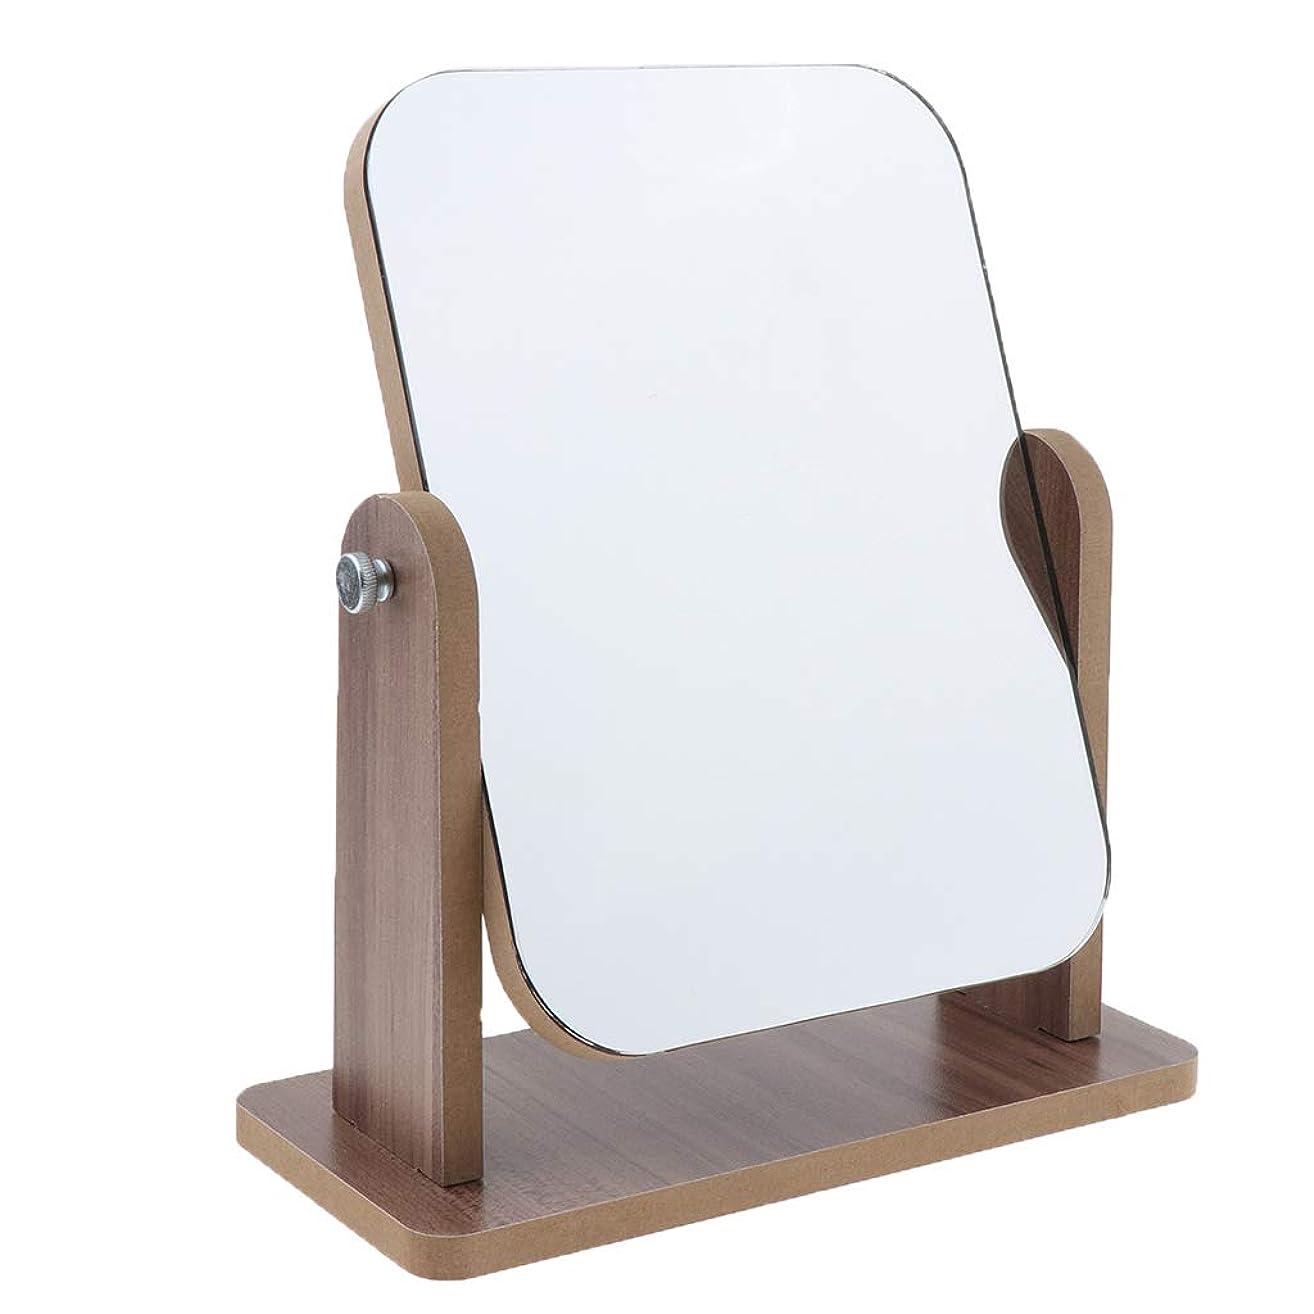 待ってマネージャーエゴマニアPerfeclan 60度回転 片面 高精細 木製フレーム 卓上化粧鏡 寝室 居間 寮化粧鏡 鏡 ミラー 全3サイズ - 中